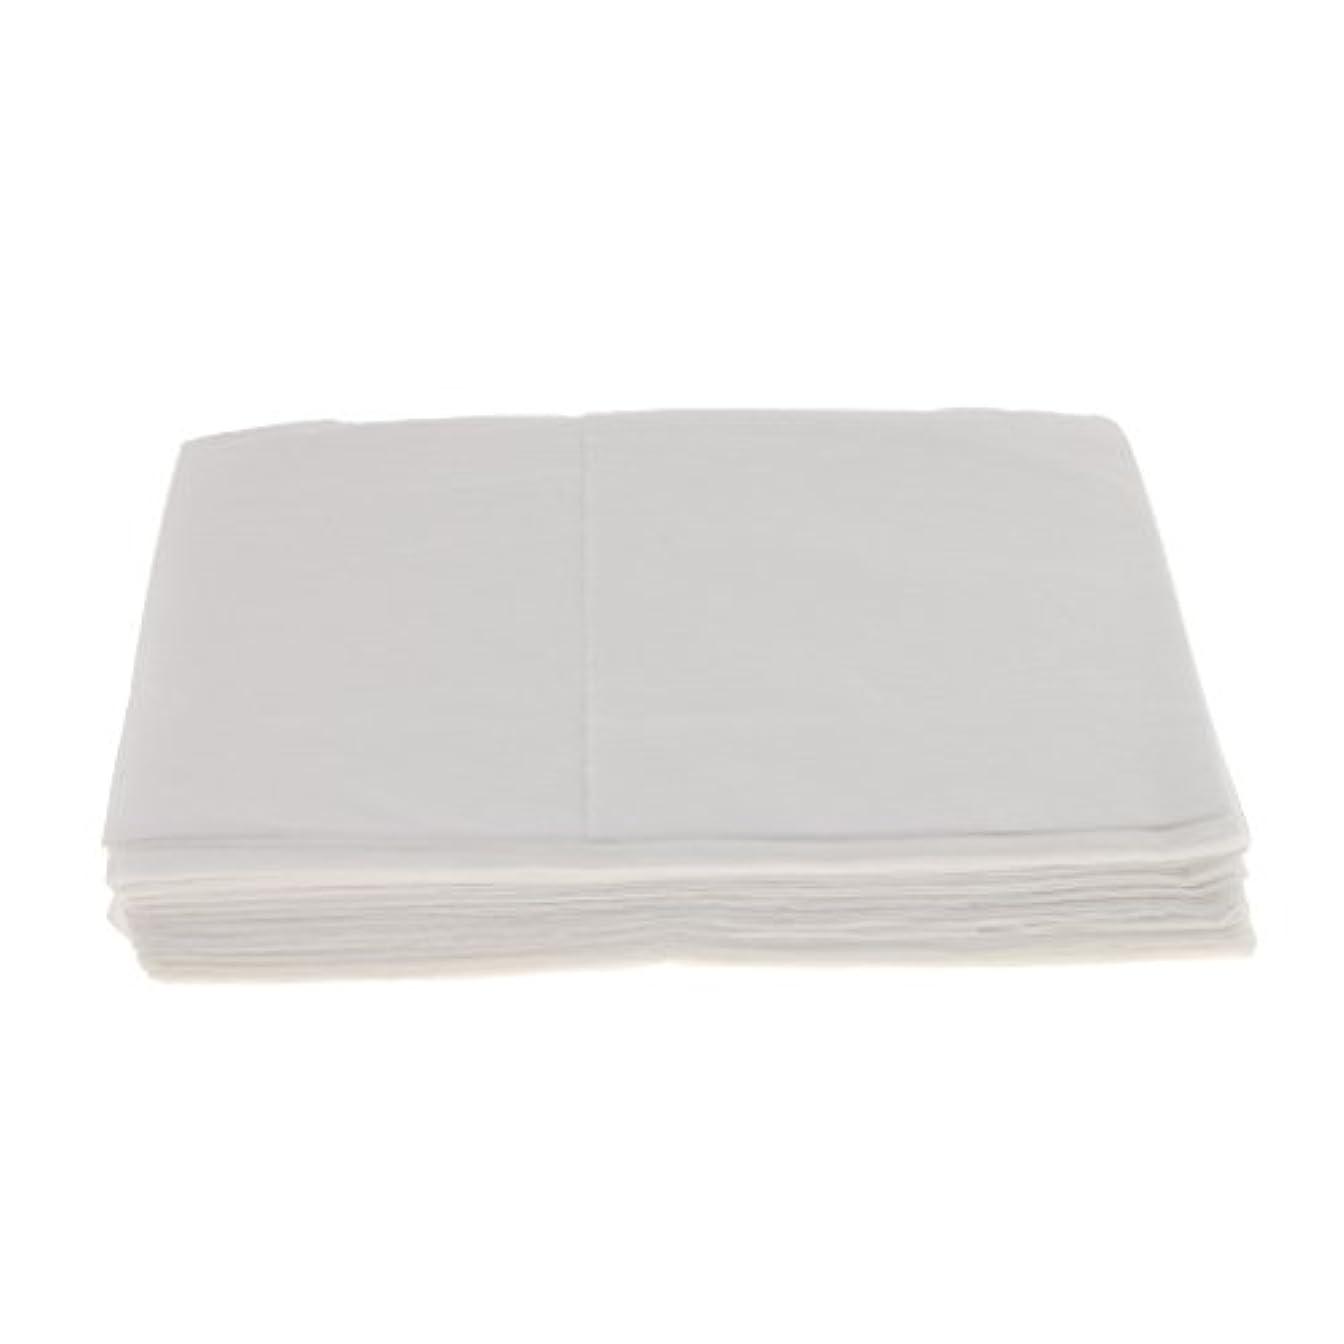 コール死傷者不満10枚 使い捨て ベッドシーツ サロン ホテル ベッドパッド カバー シート 2色選べ - 白